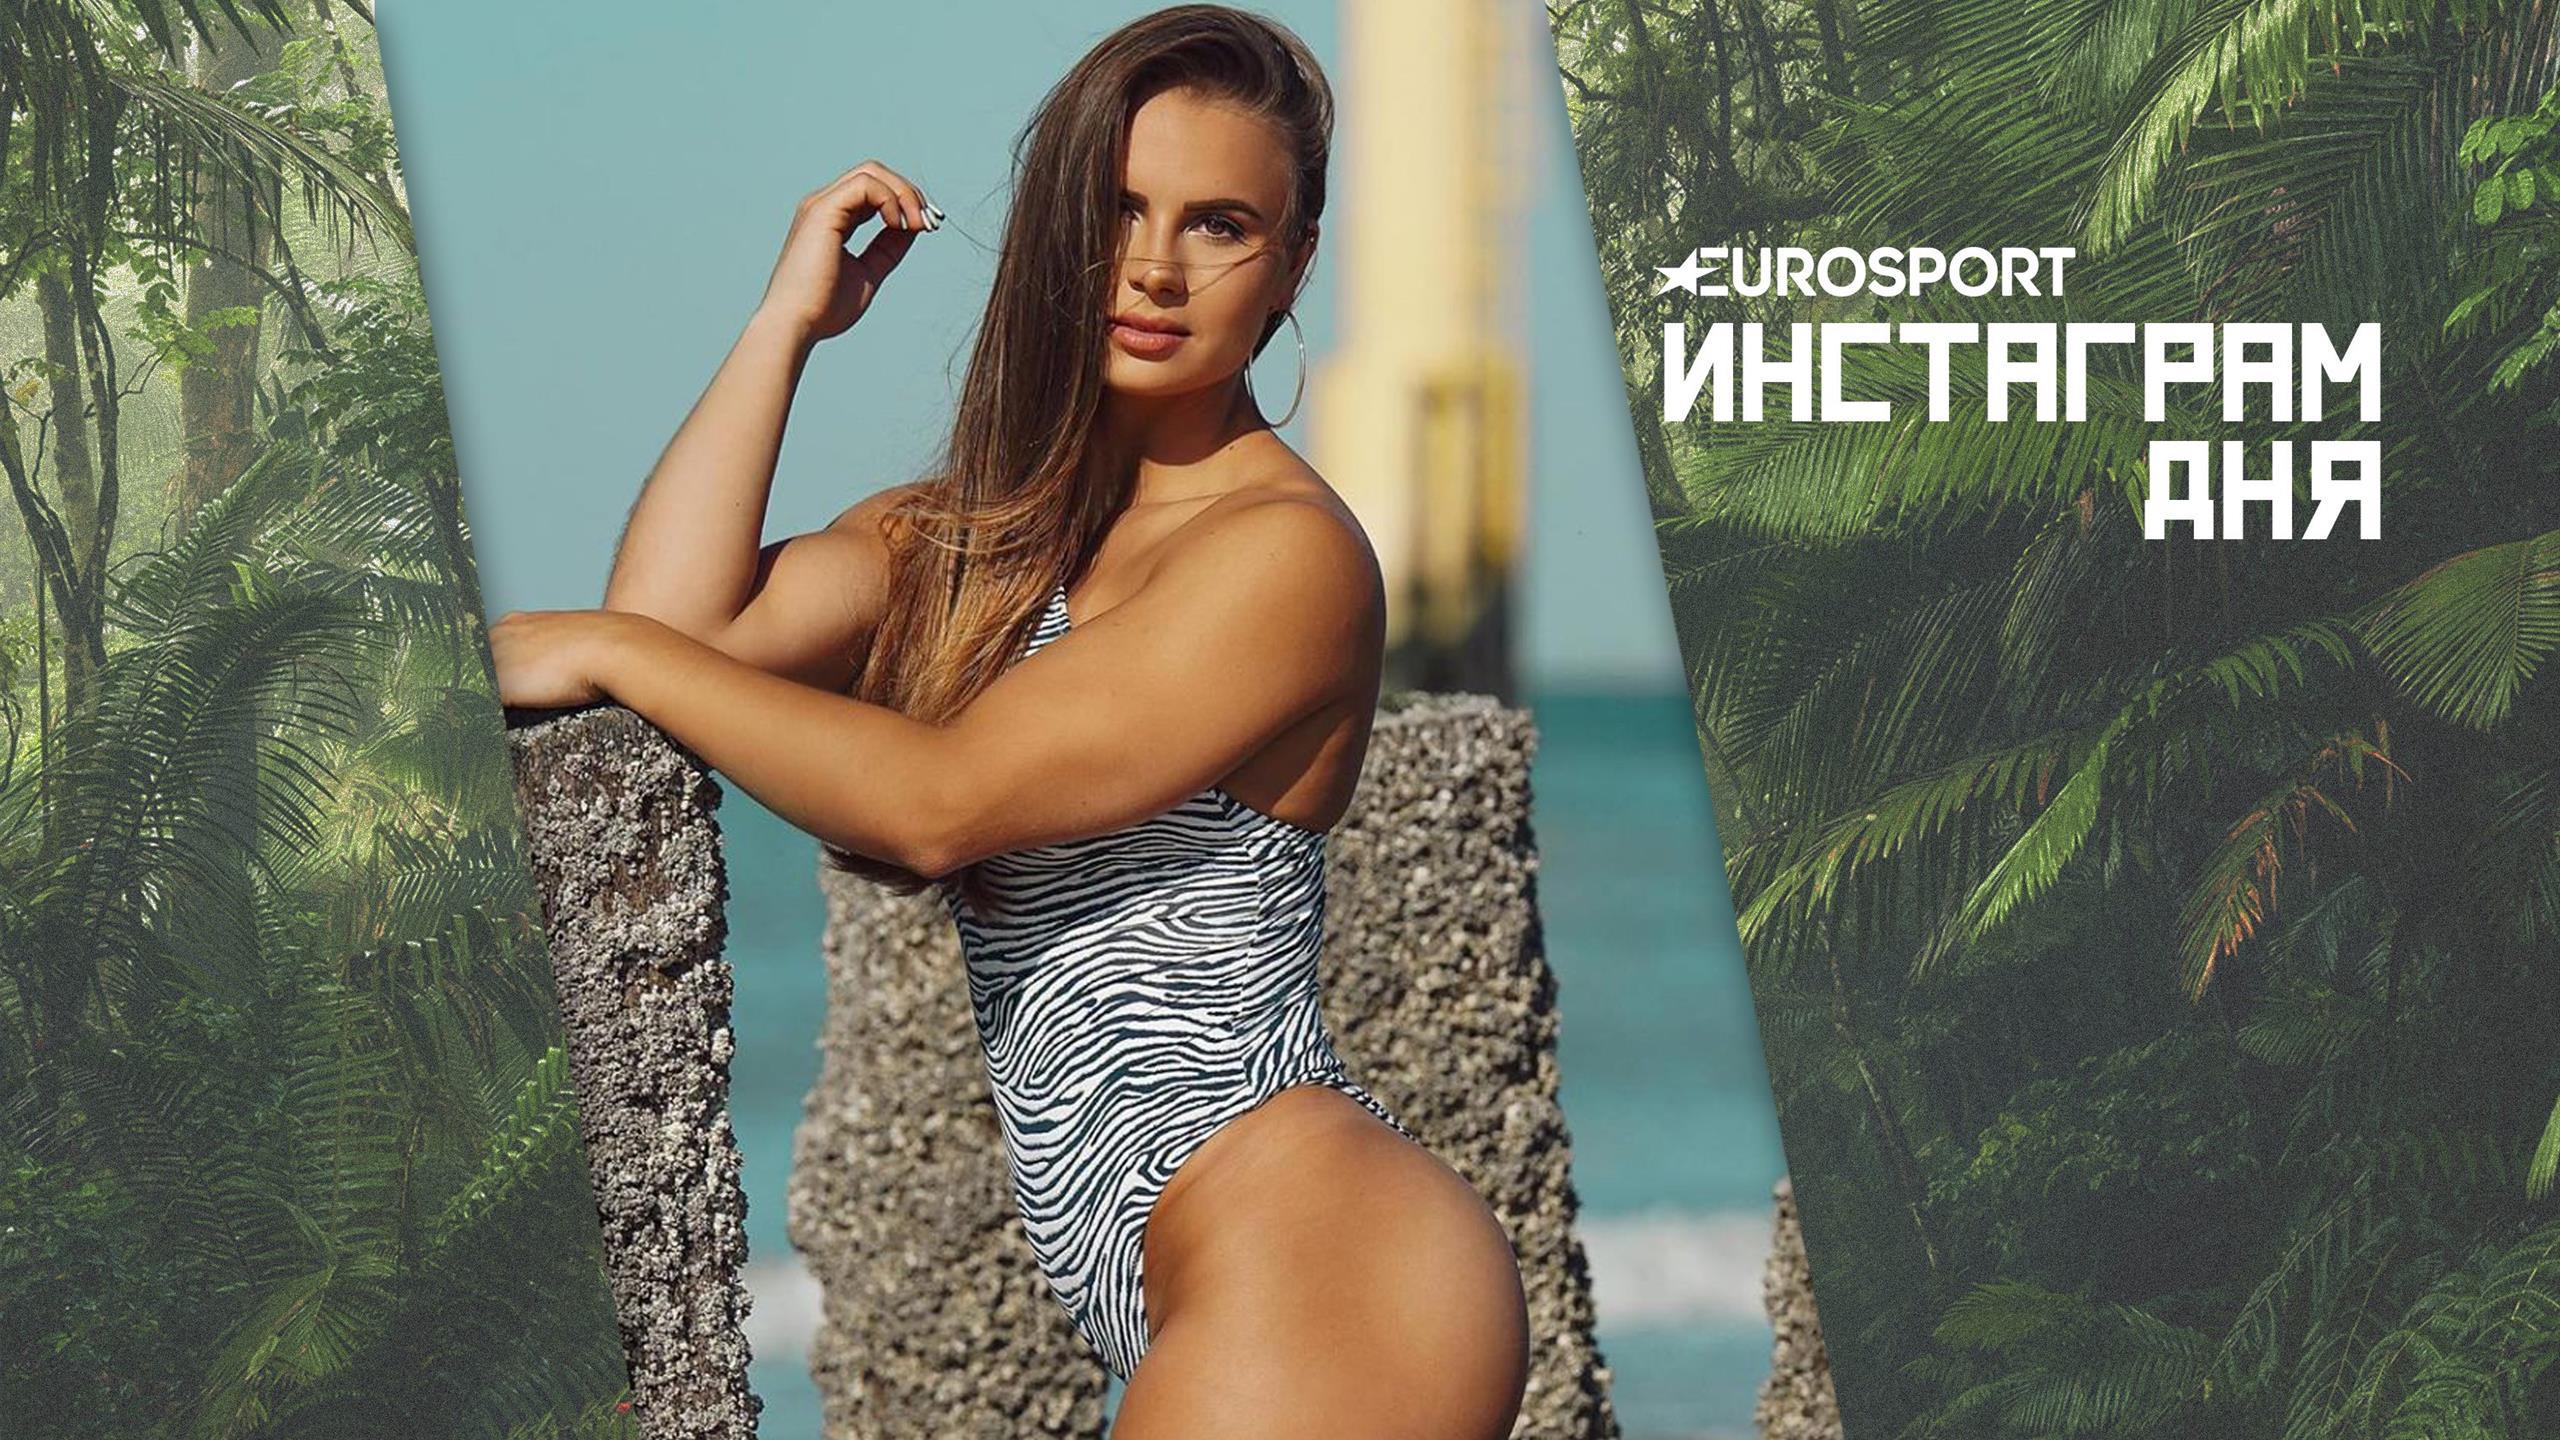 Фитнес-модель считает, что сильные женские ноги – это секcуально. С ней нельзя не согласиться